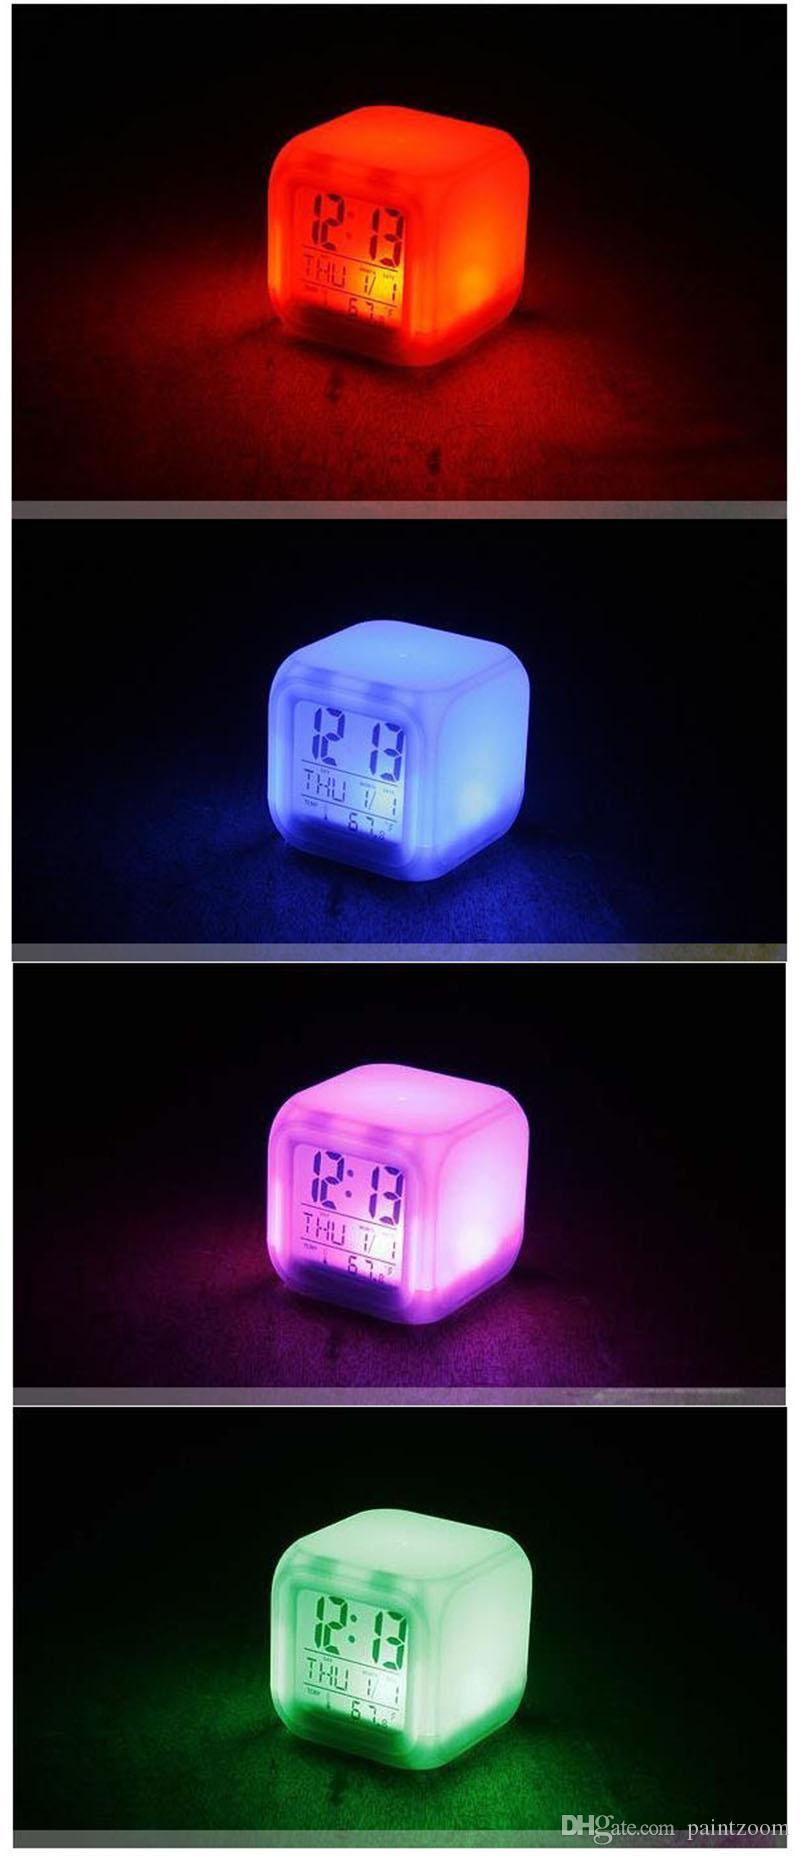 Atacado 100 pçs / lote Brilhante Mudança LED Relógio Termômetro Cubo Despertador Digital